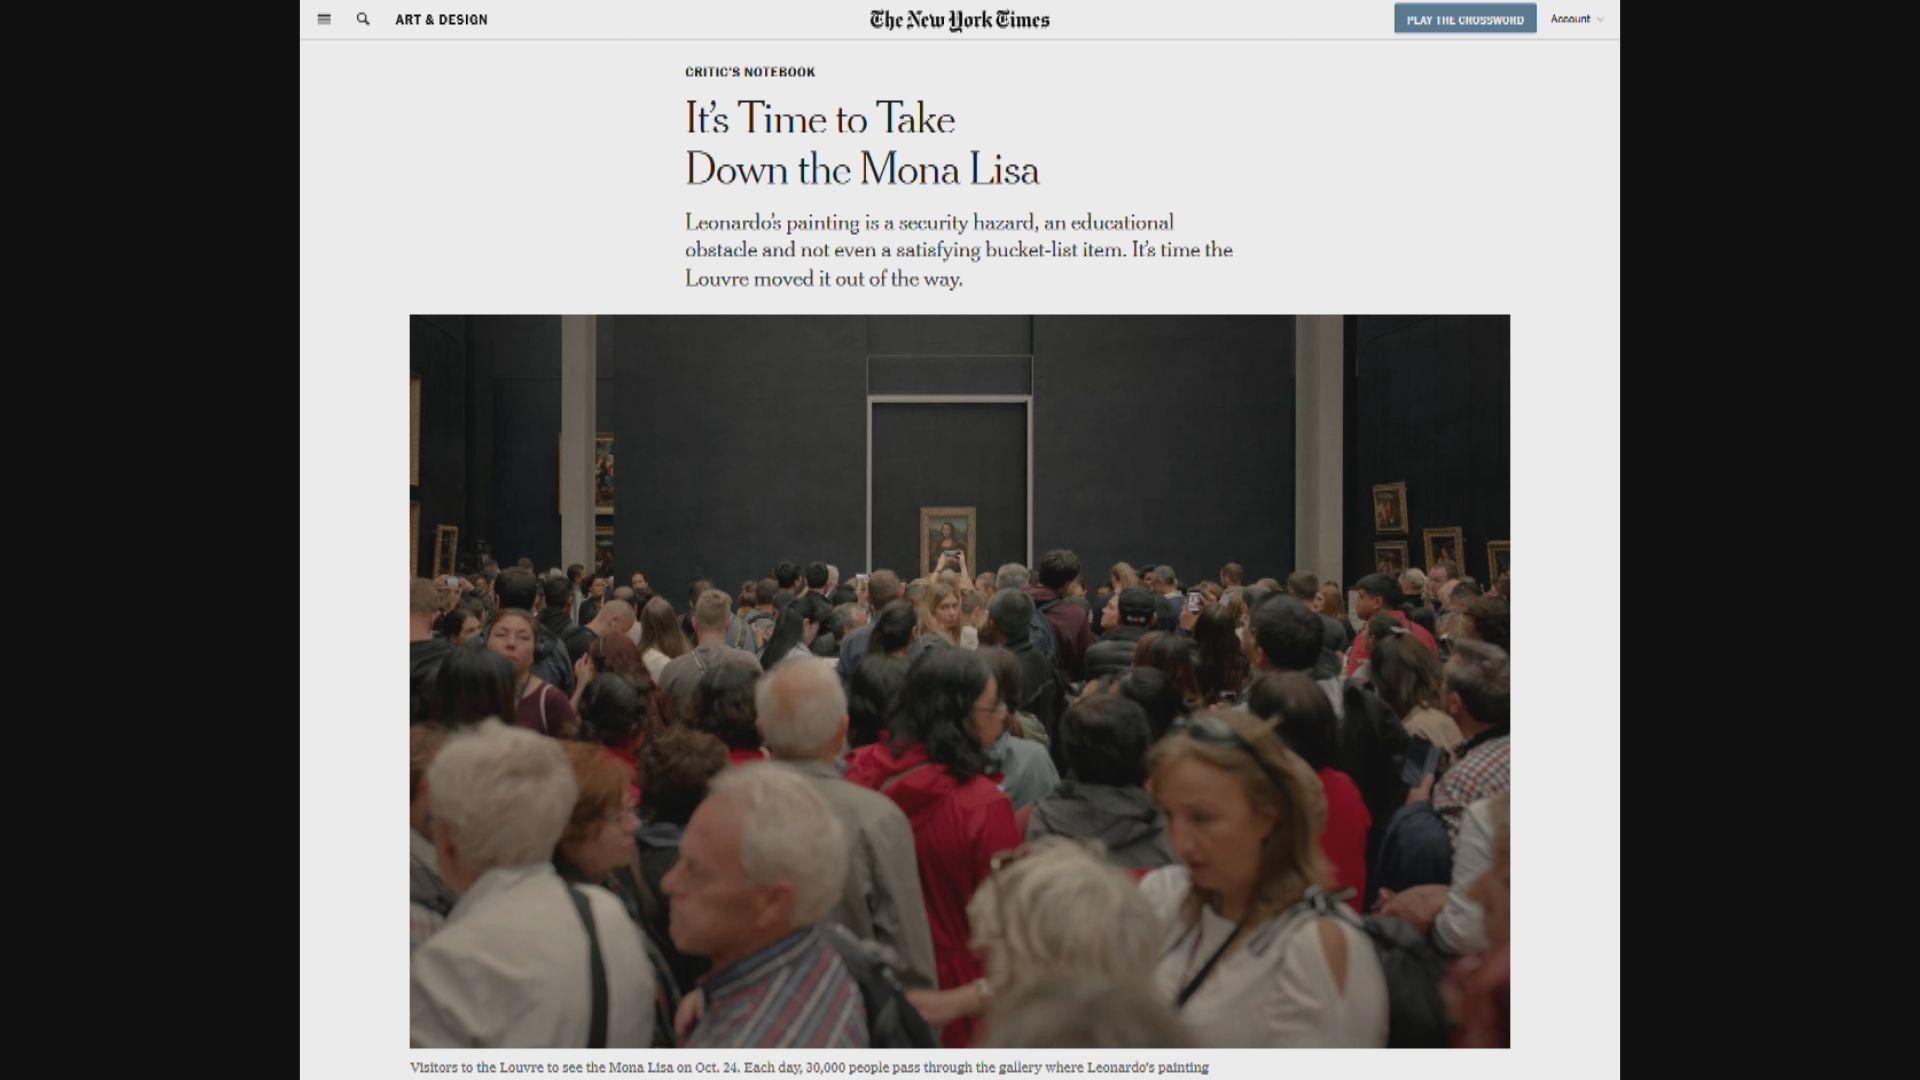 紐時評論倡羅浮宮移除《蒙娜麗莎》引爭議